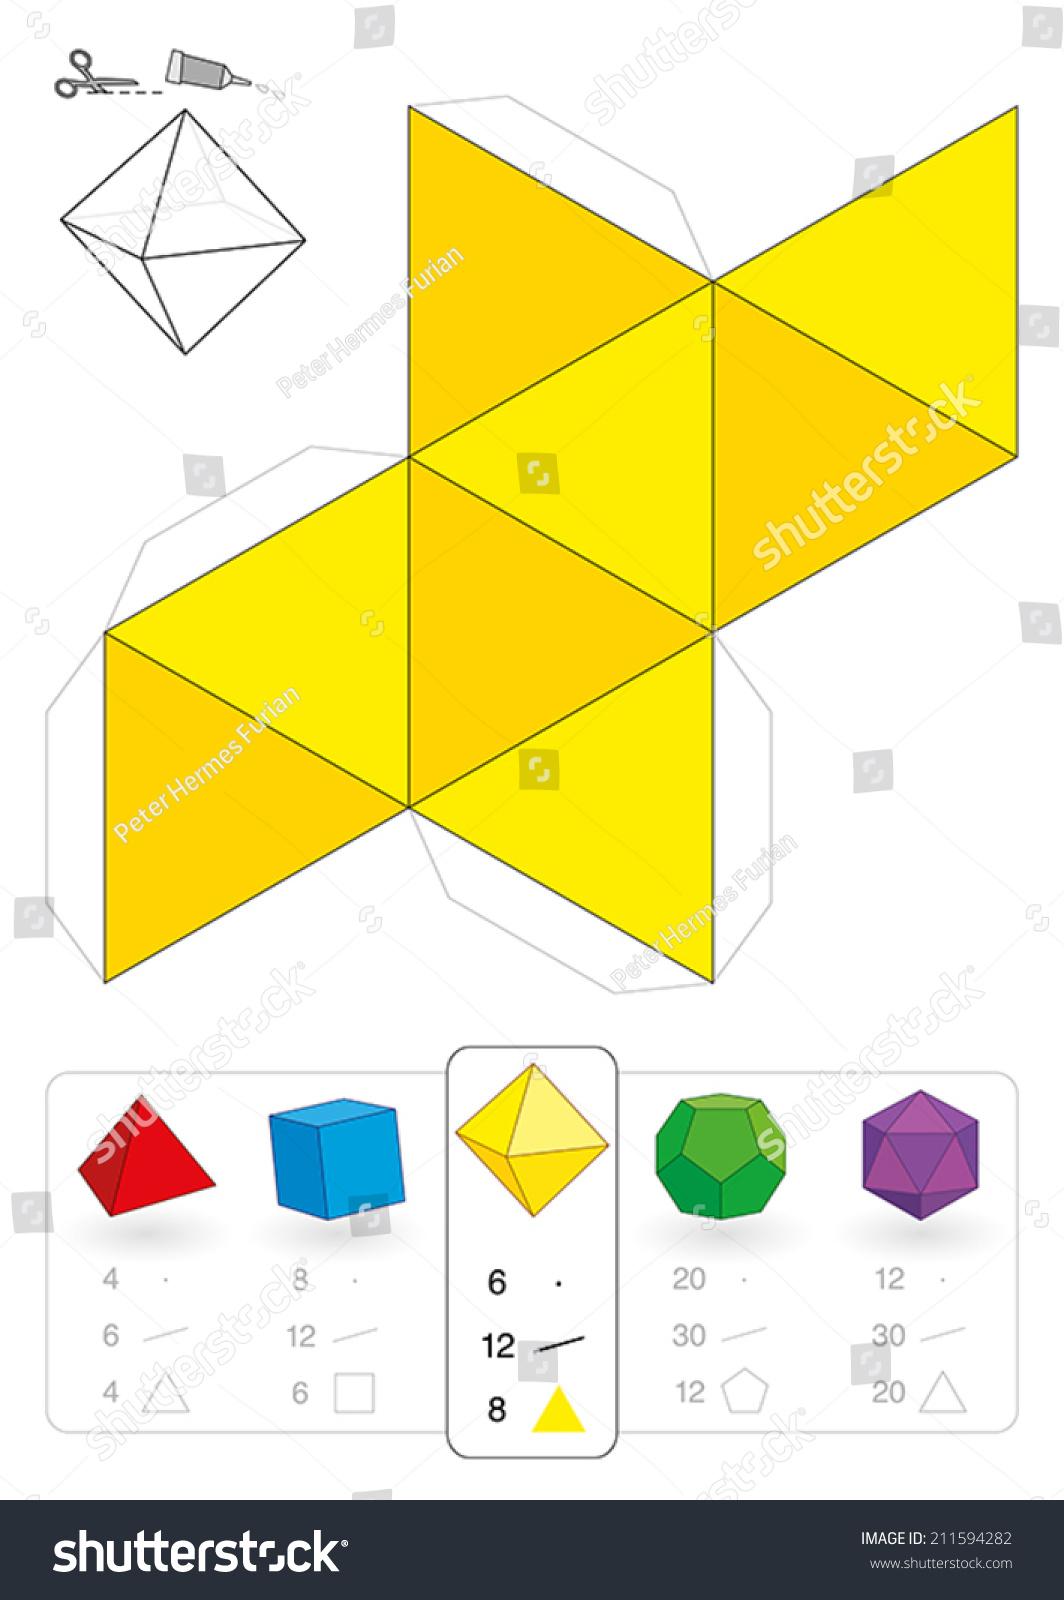 Правильный додекаэдр из бумаги схема